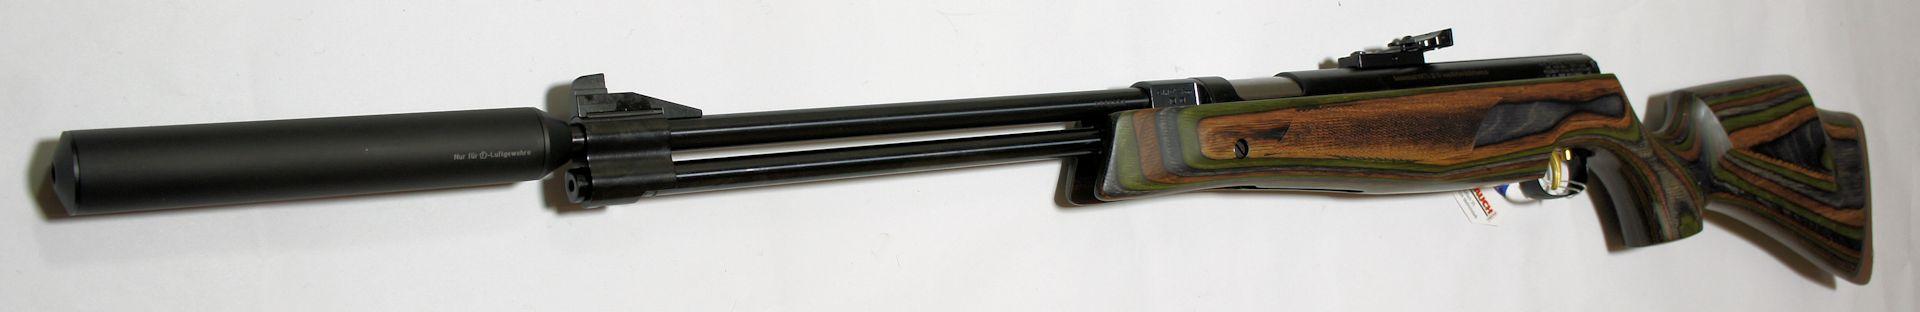 Luftgewehr HW 77 mit Laufgewinde und Schalldämpfer im grünem Schichtholzschaft